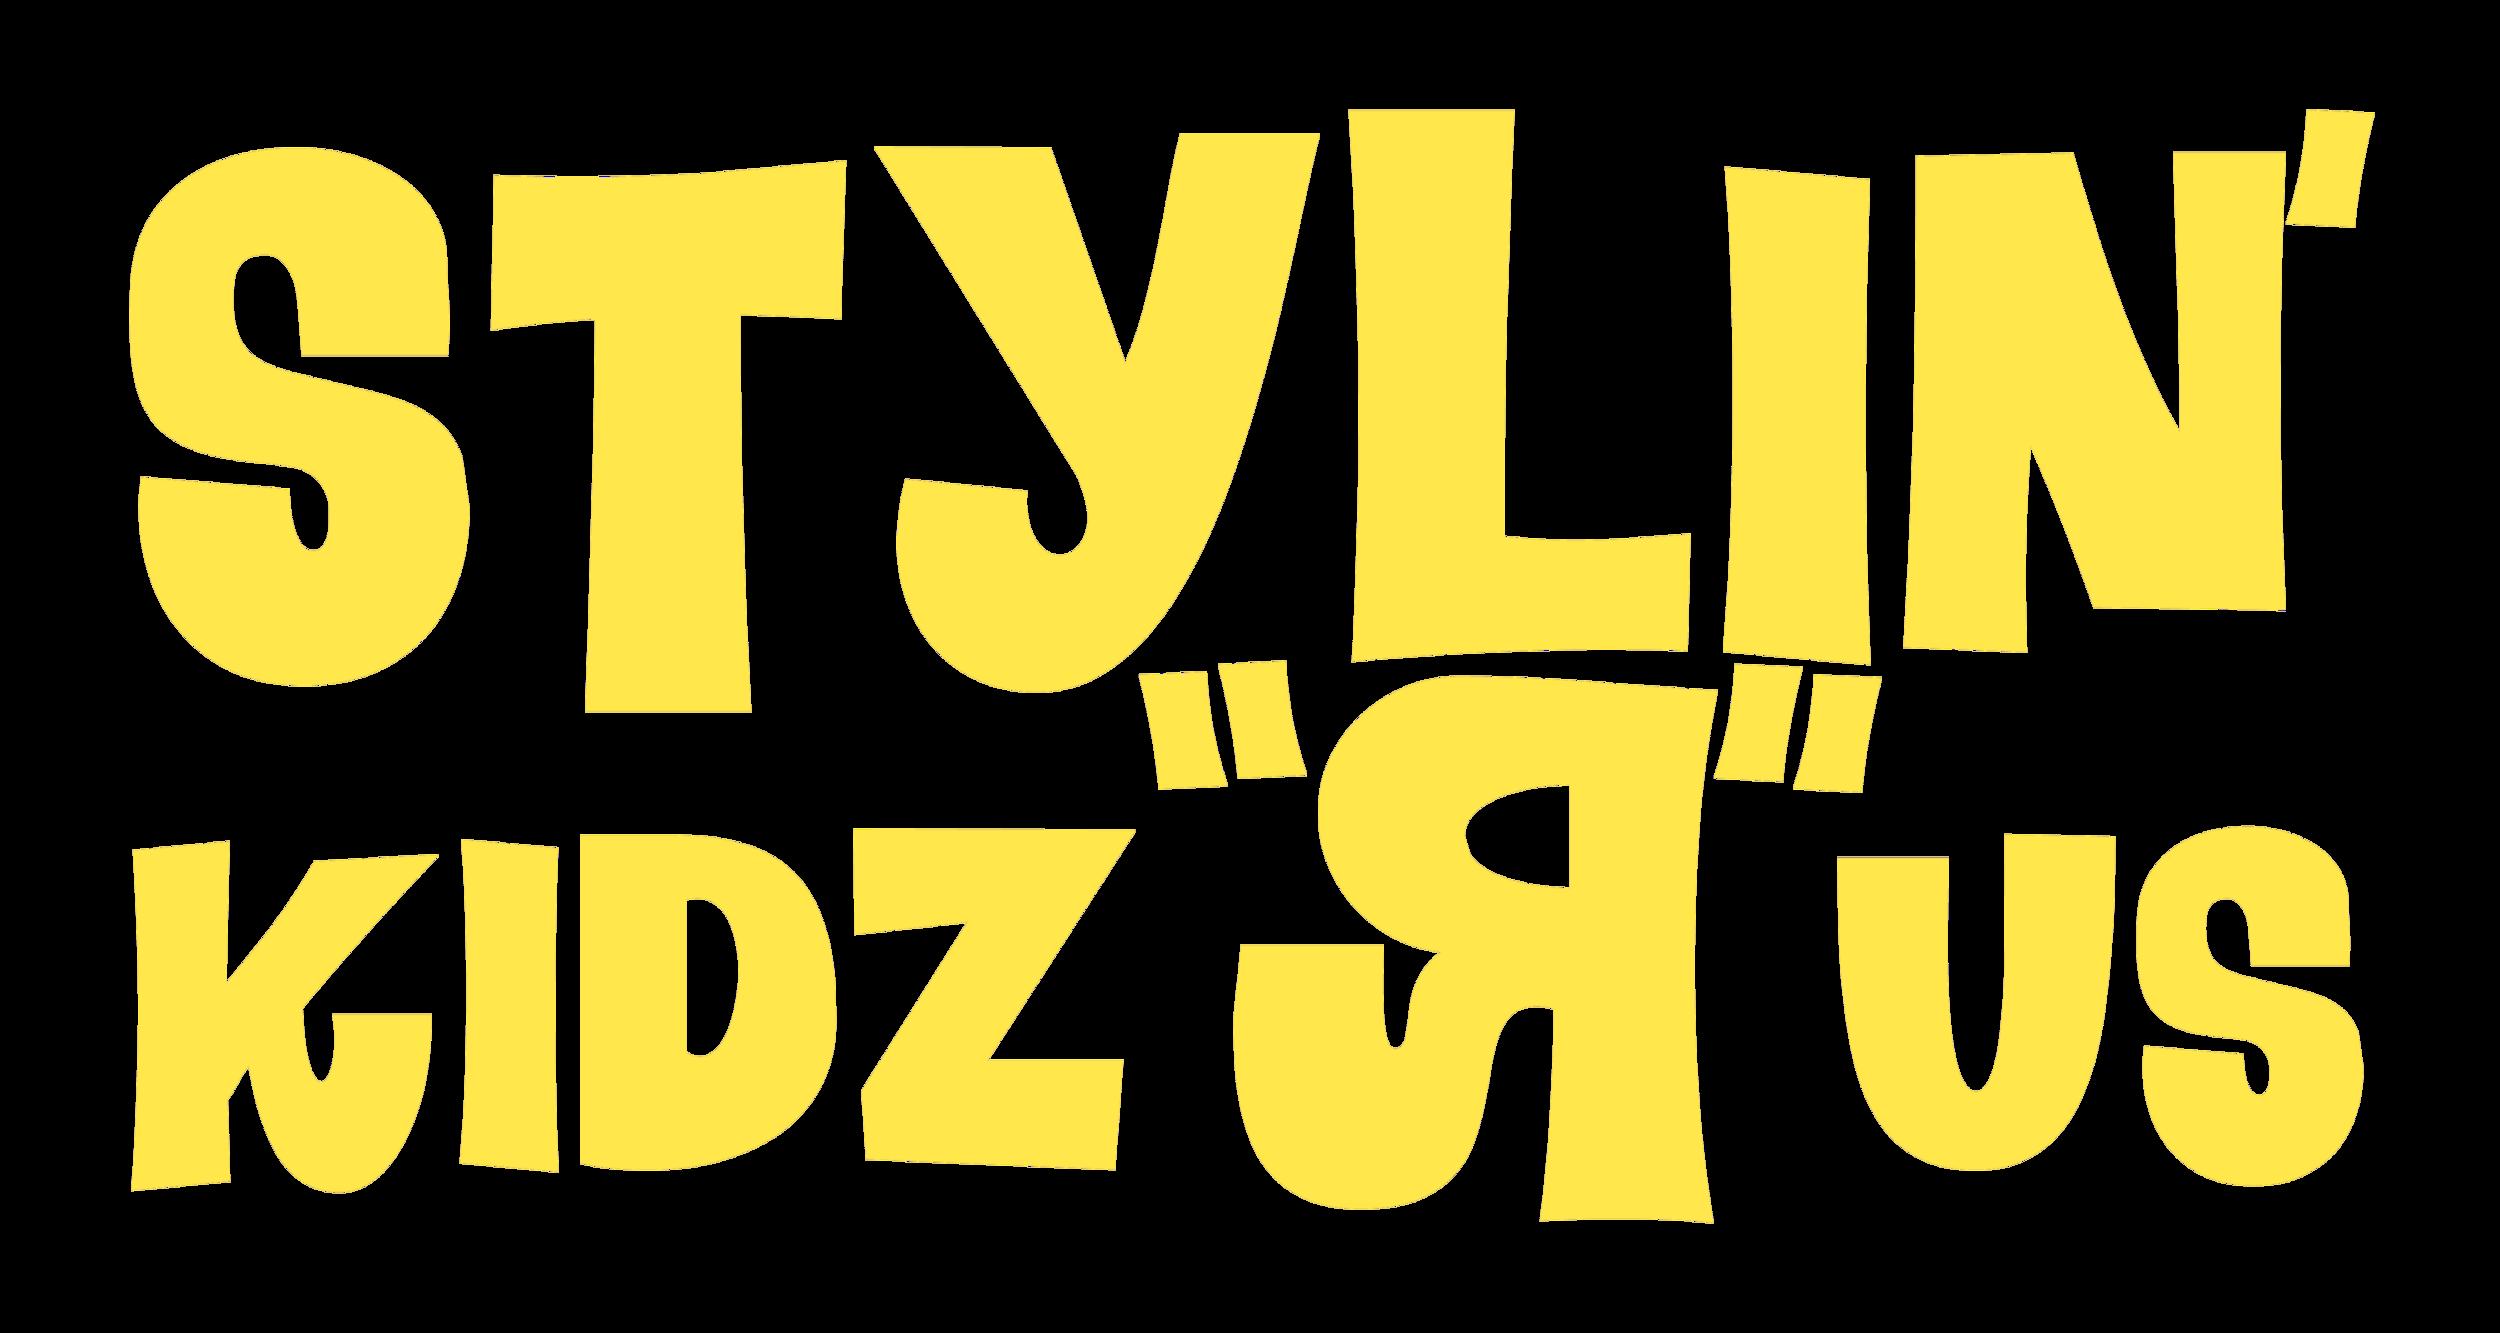 logo1-yellow.png